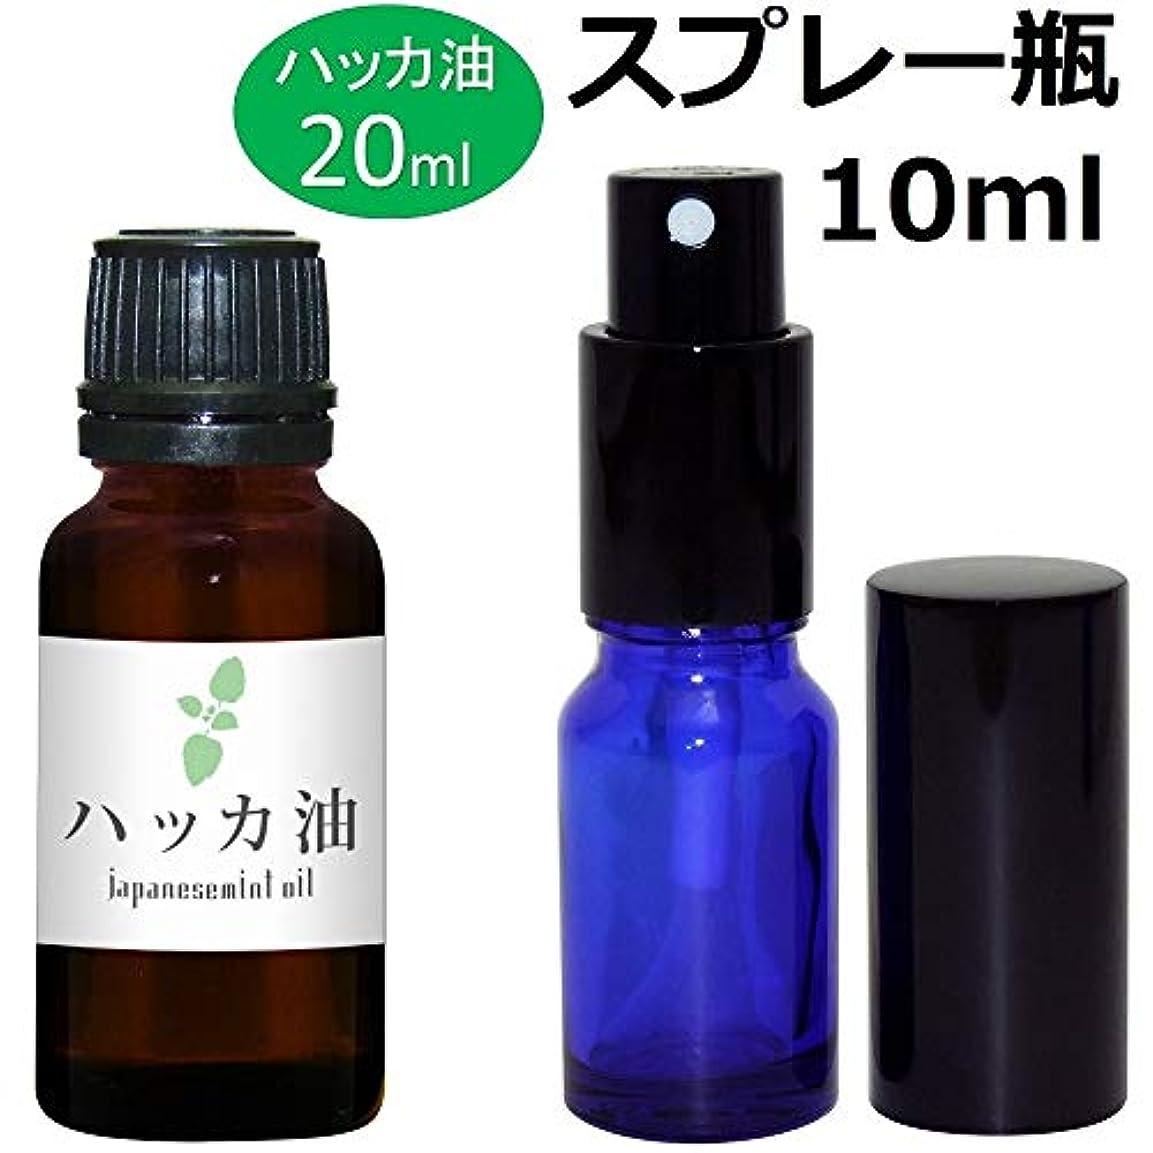 健康ぺディカブ折ガレージ?ゼロ ハッカ油 20ml(GZAK12)+ガラス瓶 スプレーボトル10ml/和種薄荷/ジャパニーズミント GSE533